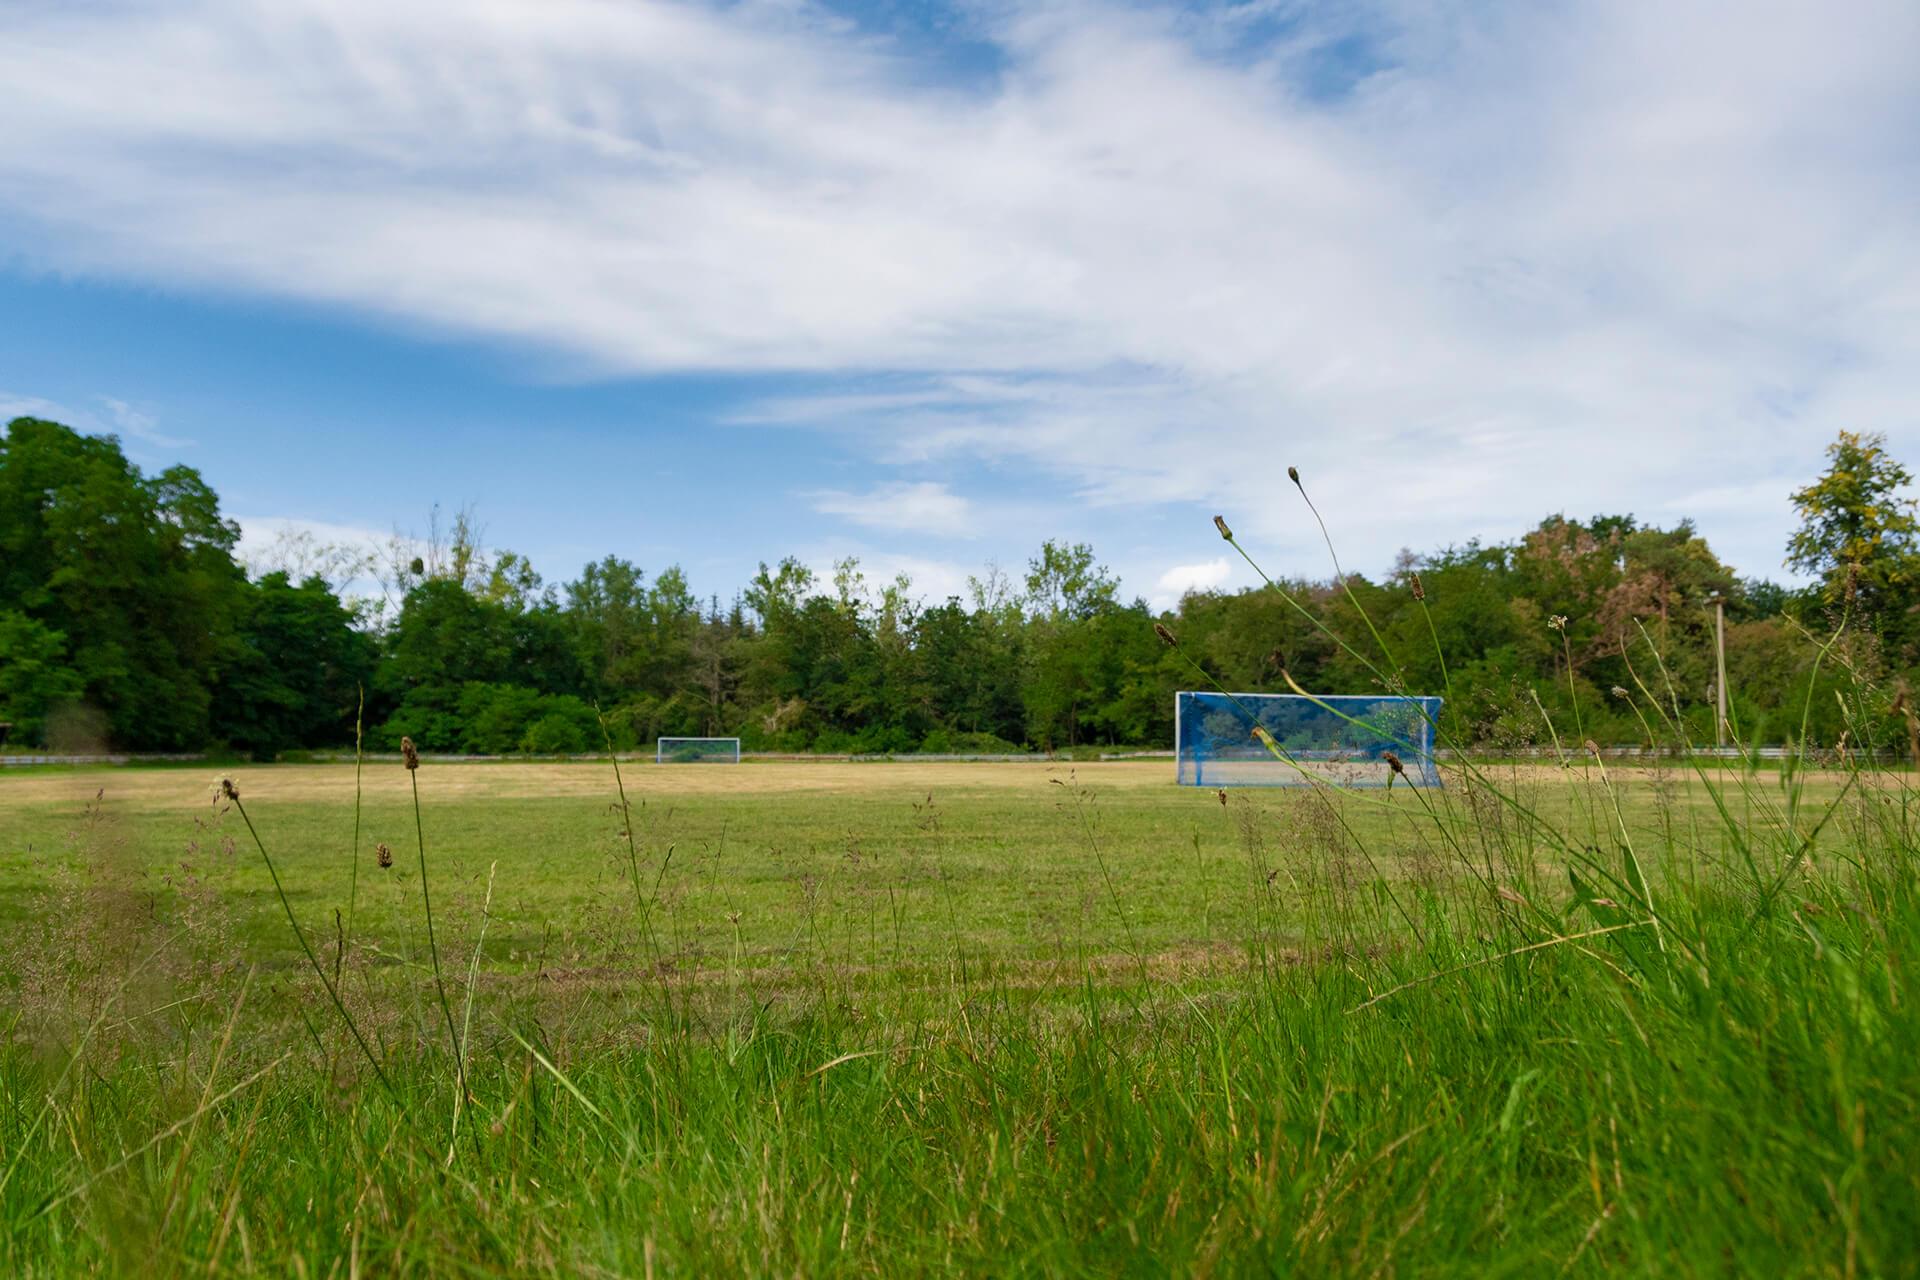 Fußballplatz im Grünen